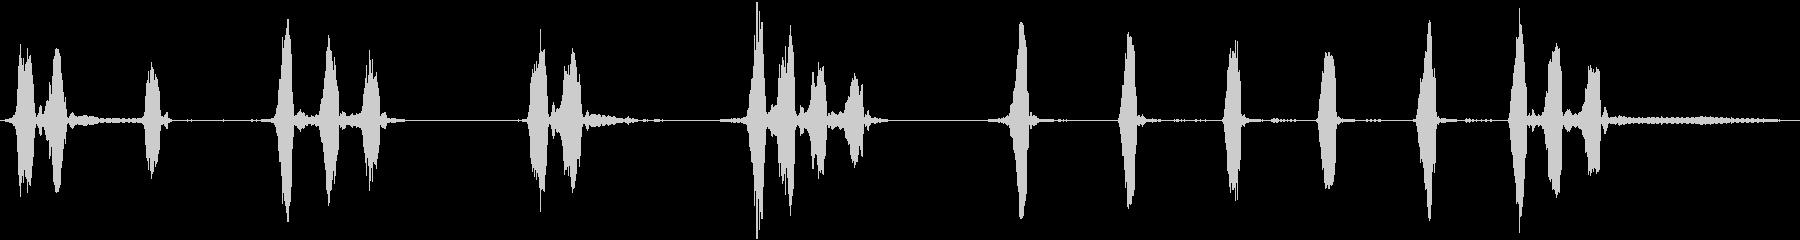 ロットワイラー:バーキング、動物の犬の未再生の波形